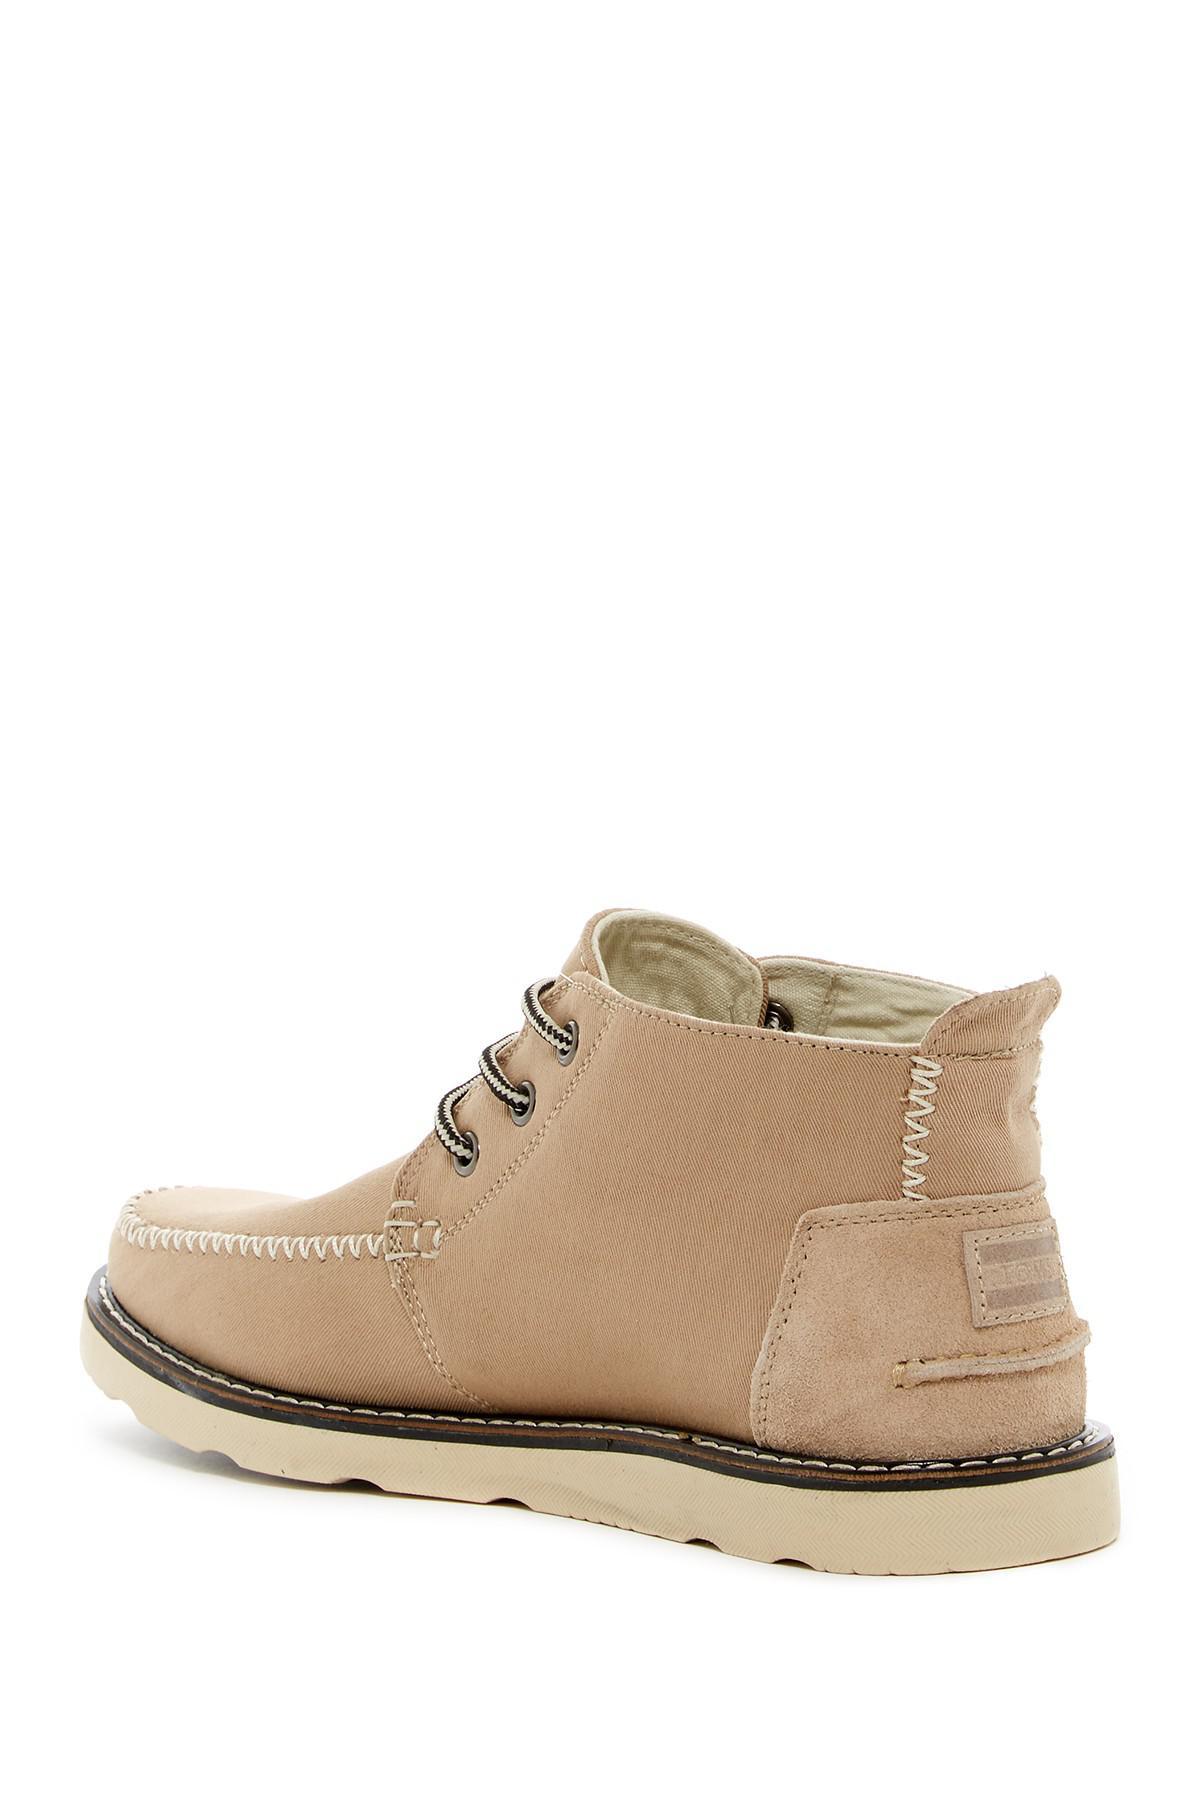 3b3e0bc2467 TOMS Multicolor Classic Chukka Boot for men